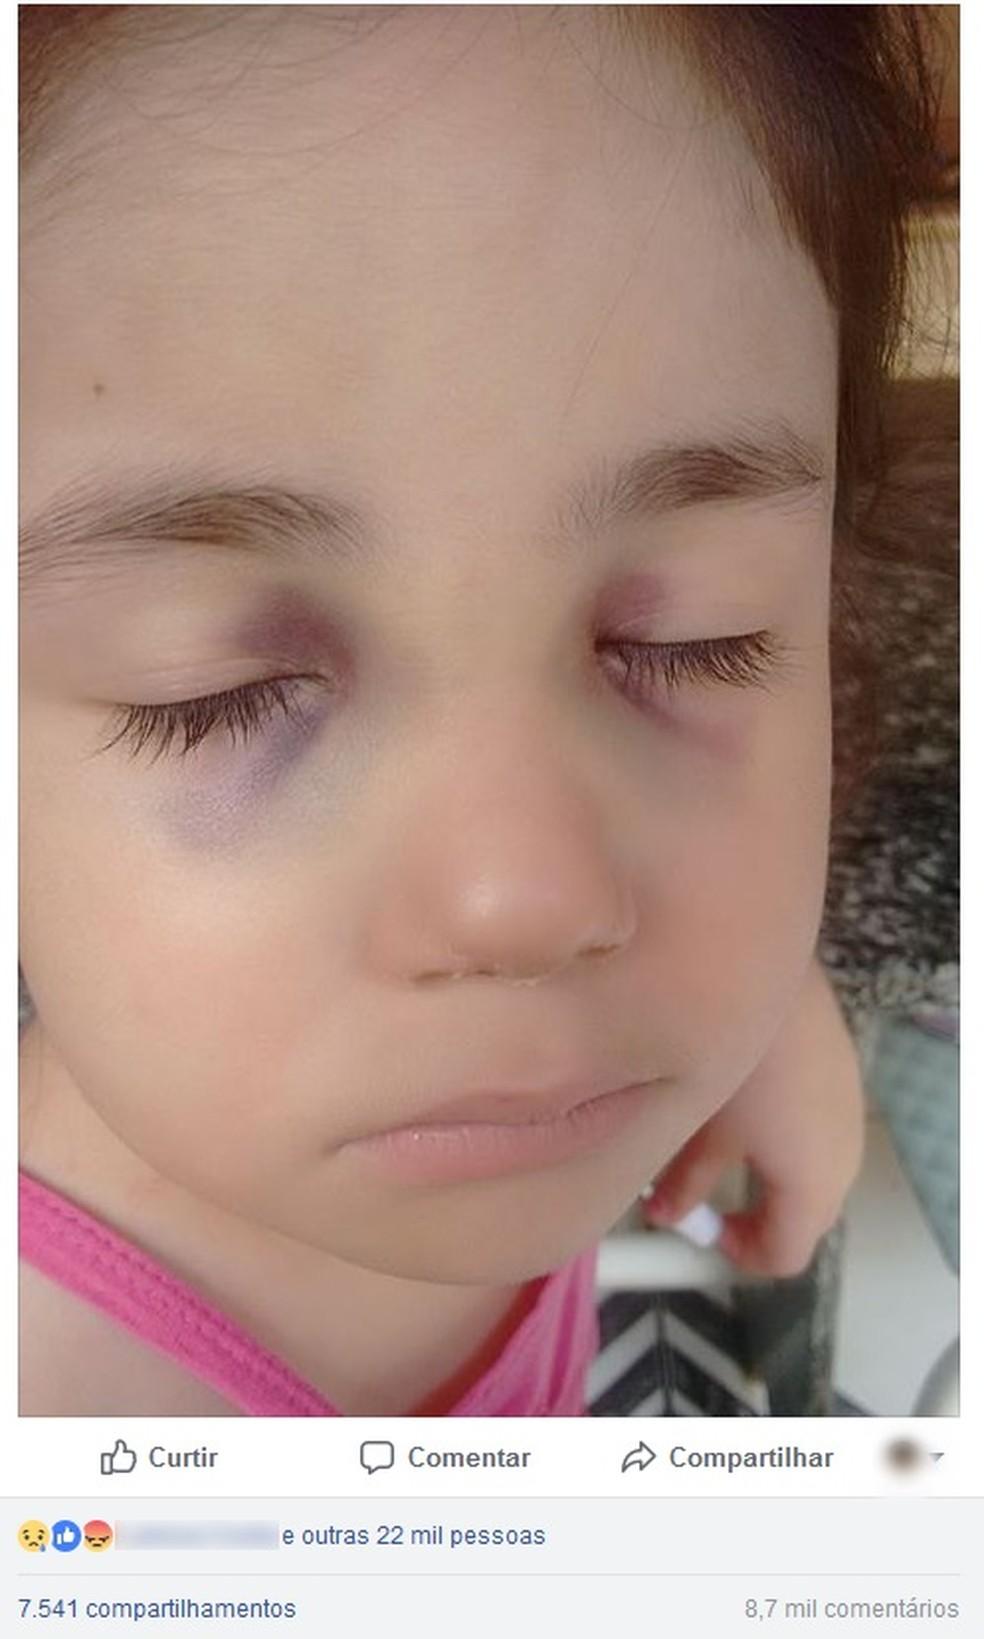 Após o crime, babá fez um desabafo na internet com a foto da menina de olhos roxos por conta de agressões no ano passado (Foto: Reprodução/Facebook)